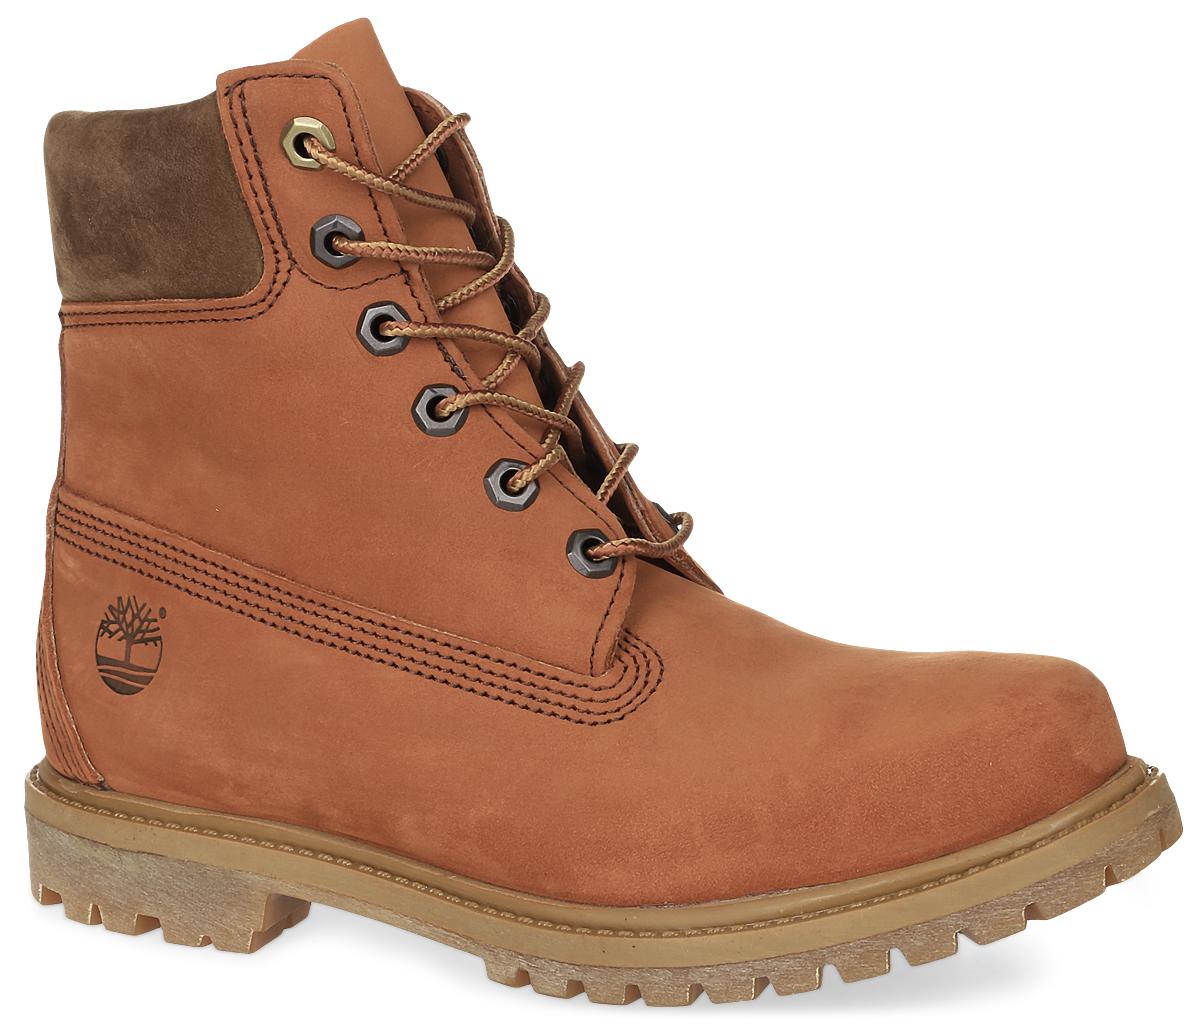 БотинкиTBLA18NUWКлассические шестидюймовые ботинки 6-inch Premium Boot от Timberland заинтересуют вас своим дизайном с первого взгляда! Модель изготовлена из натурального нубука и сбоку оформлена тисненым логотипом бренда. Высокий язычок и шнуровка обеспечивают плотное прилегание верхней части ботинок к ноге, создавая дополнительную теплозащиту. Утеплитель Primaloft 400г и стелька Anti-Fatigue для большего комфорта обеспечивают максимальный комфорт при движении. Каблук и подошва с протектором гарантируют идеальное сцепление с любыми поверхностями.